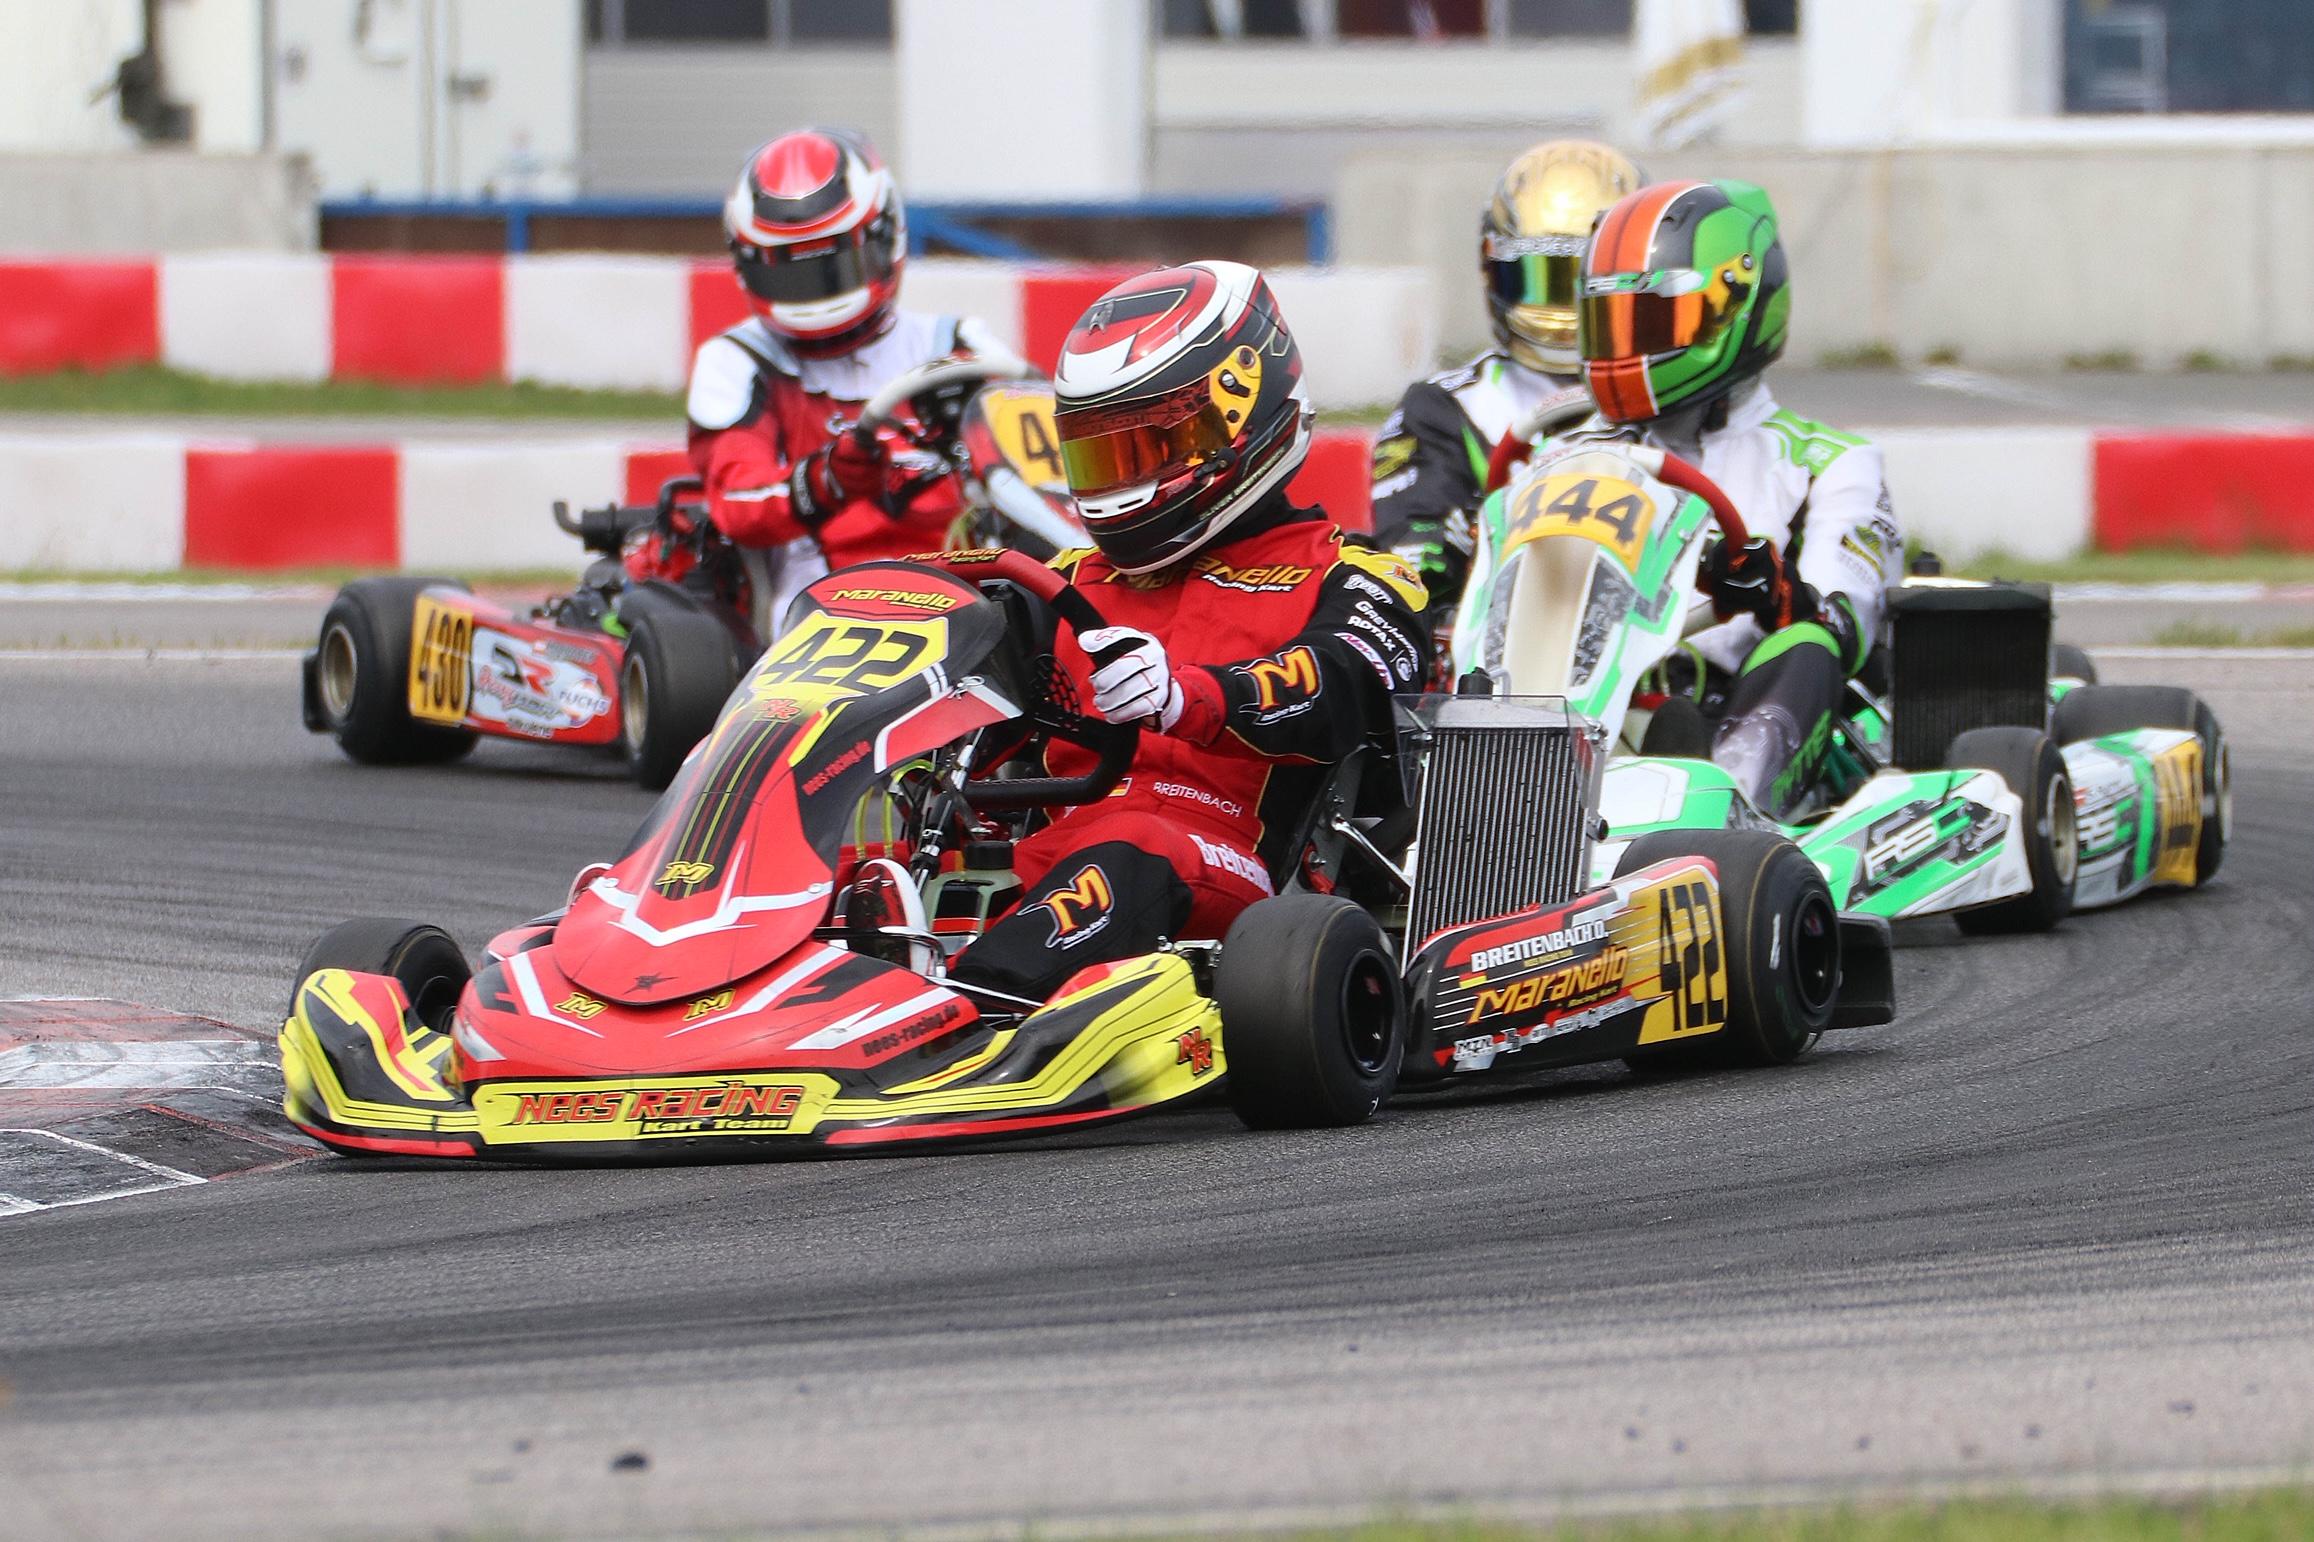 Nees Racing feiert Sieg bei RMC Euro Trophy